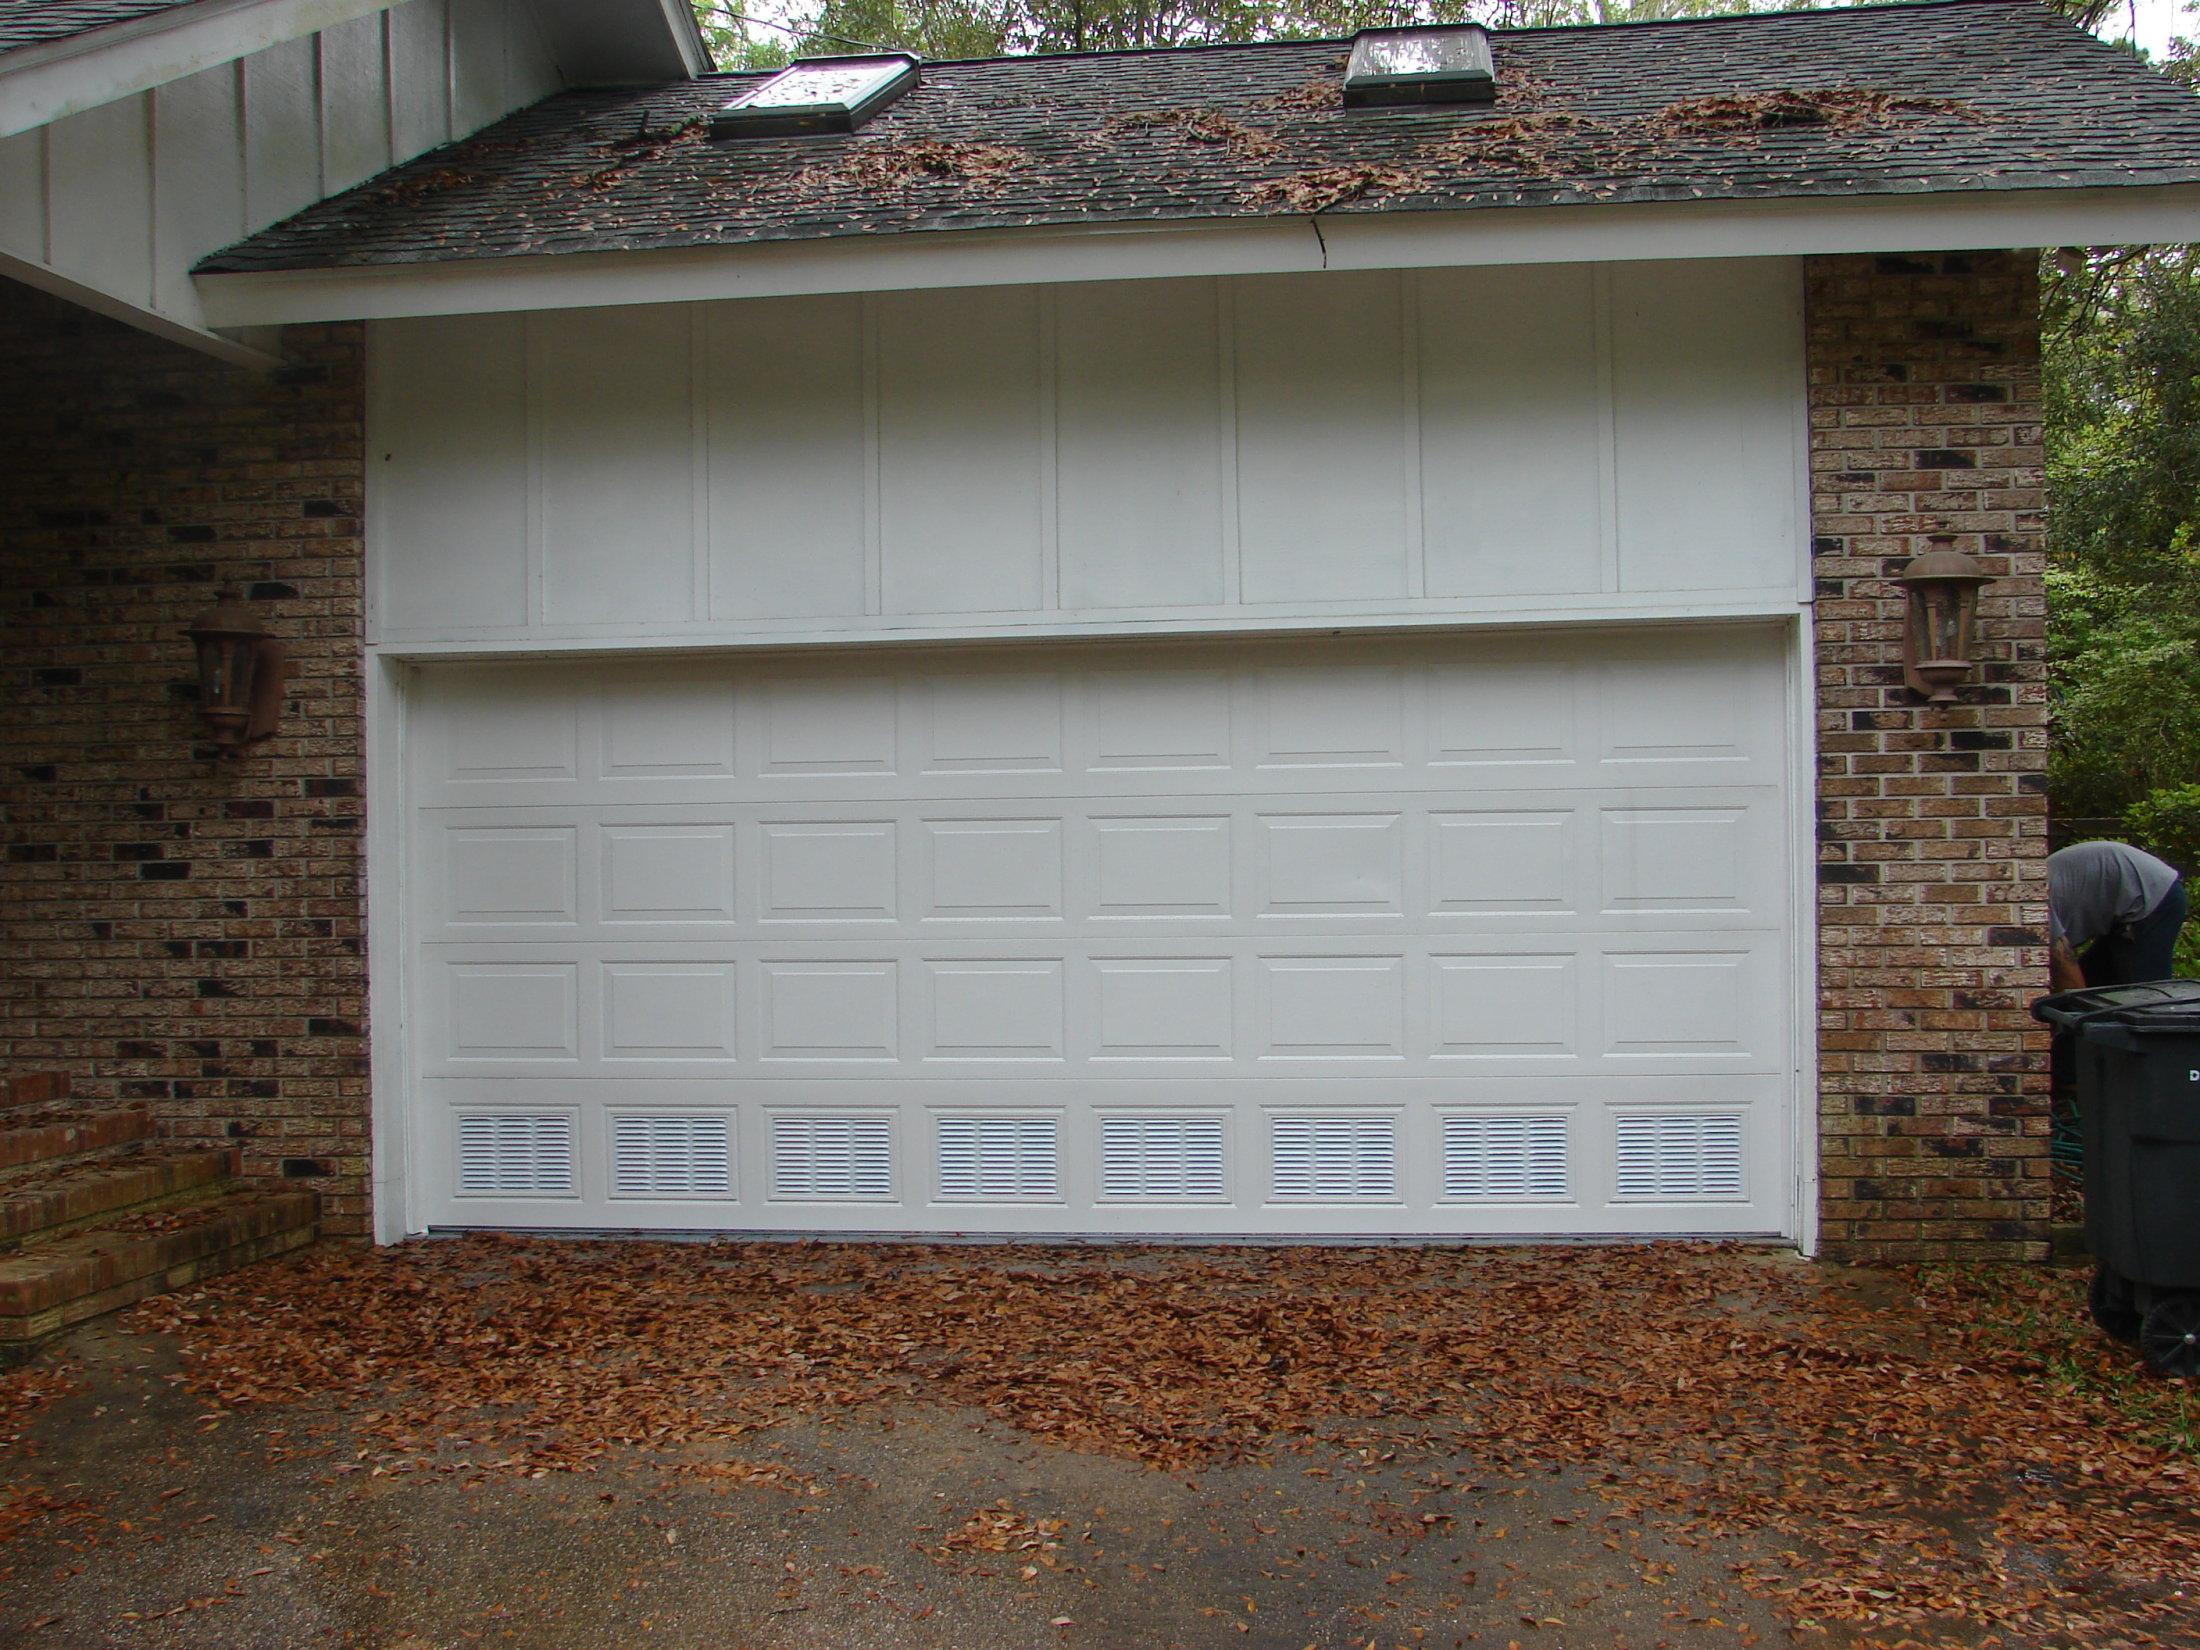 Residential Garage Door With Flood Vents Overhead Garage Doors By Doorways Inc